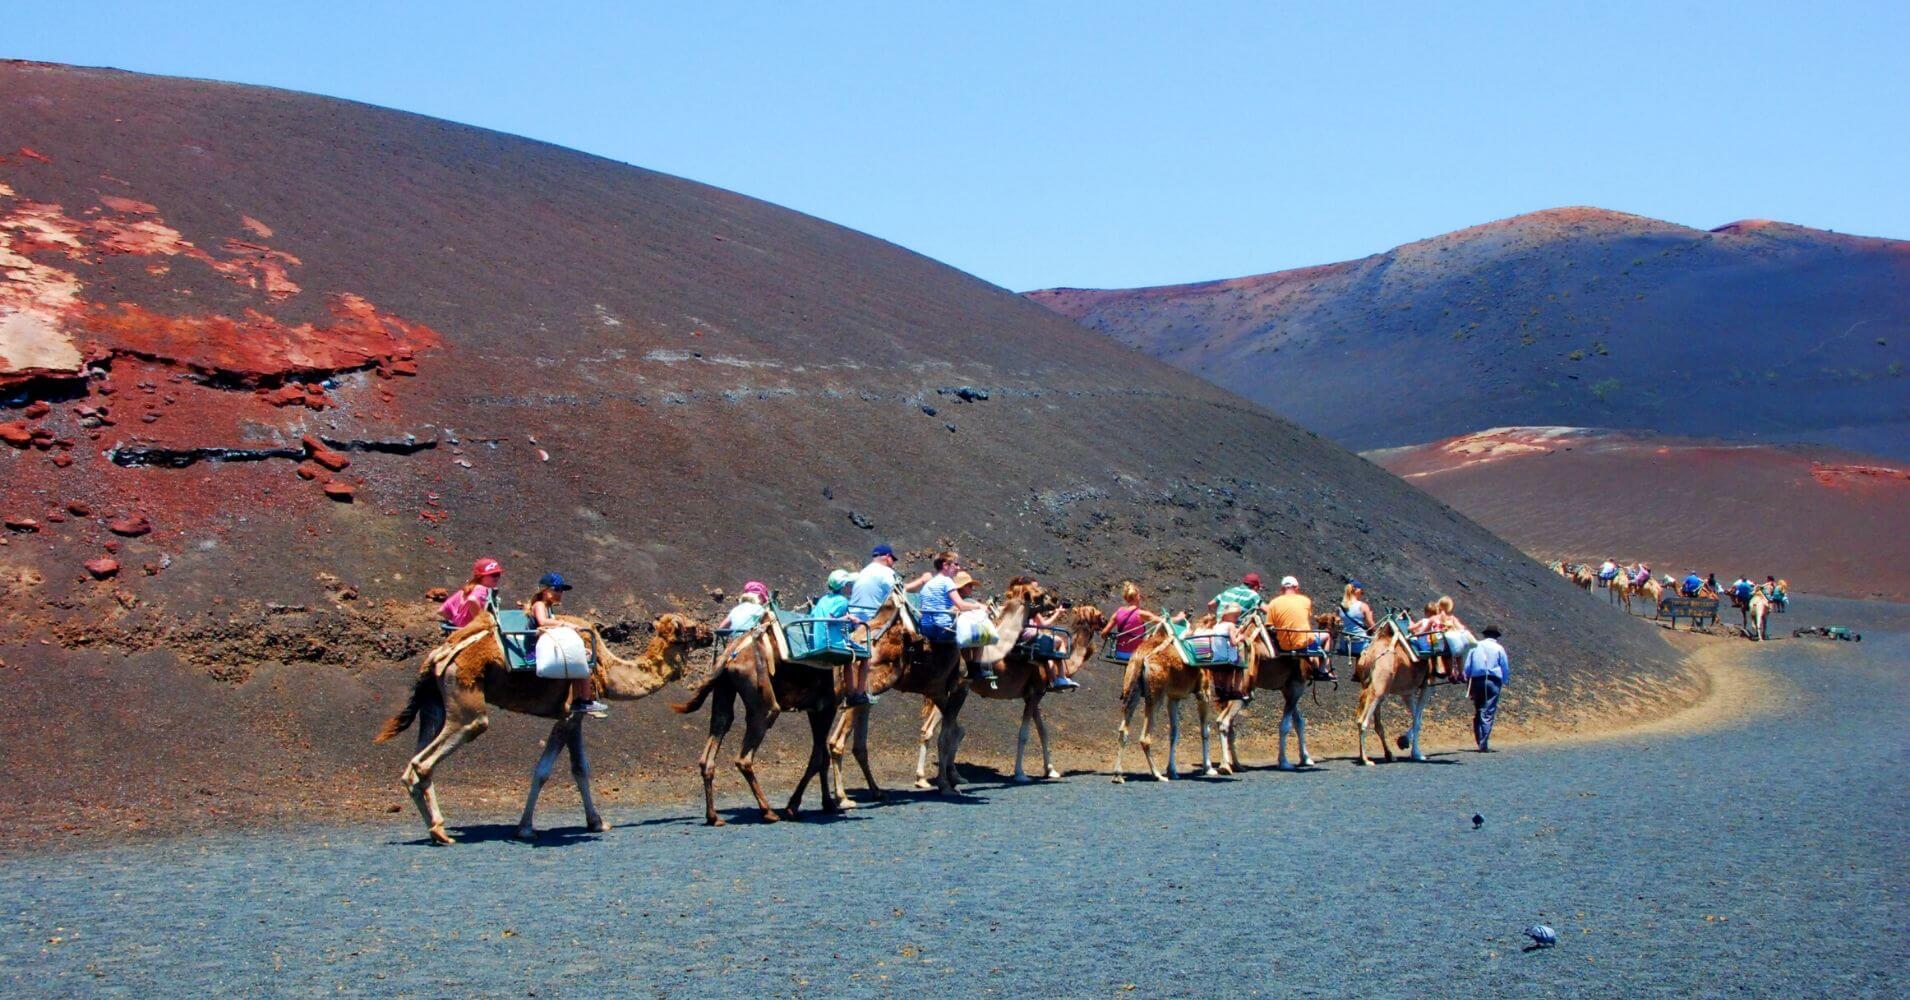 Travesía en Camello del Parque Nacional de Timanfaya. Lanzarote, Islas Canarias.